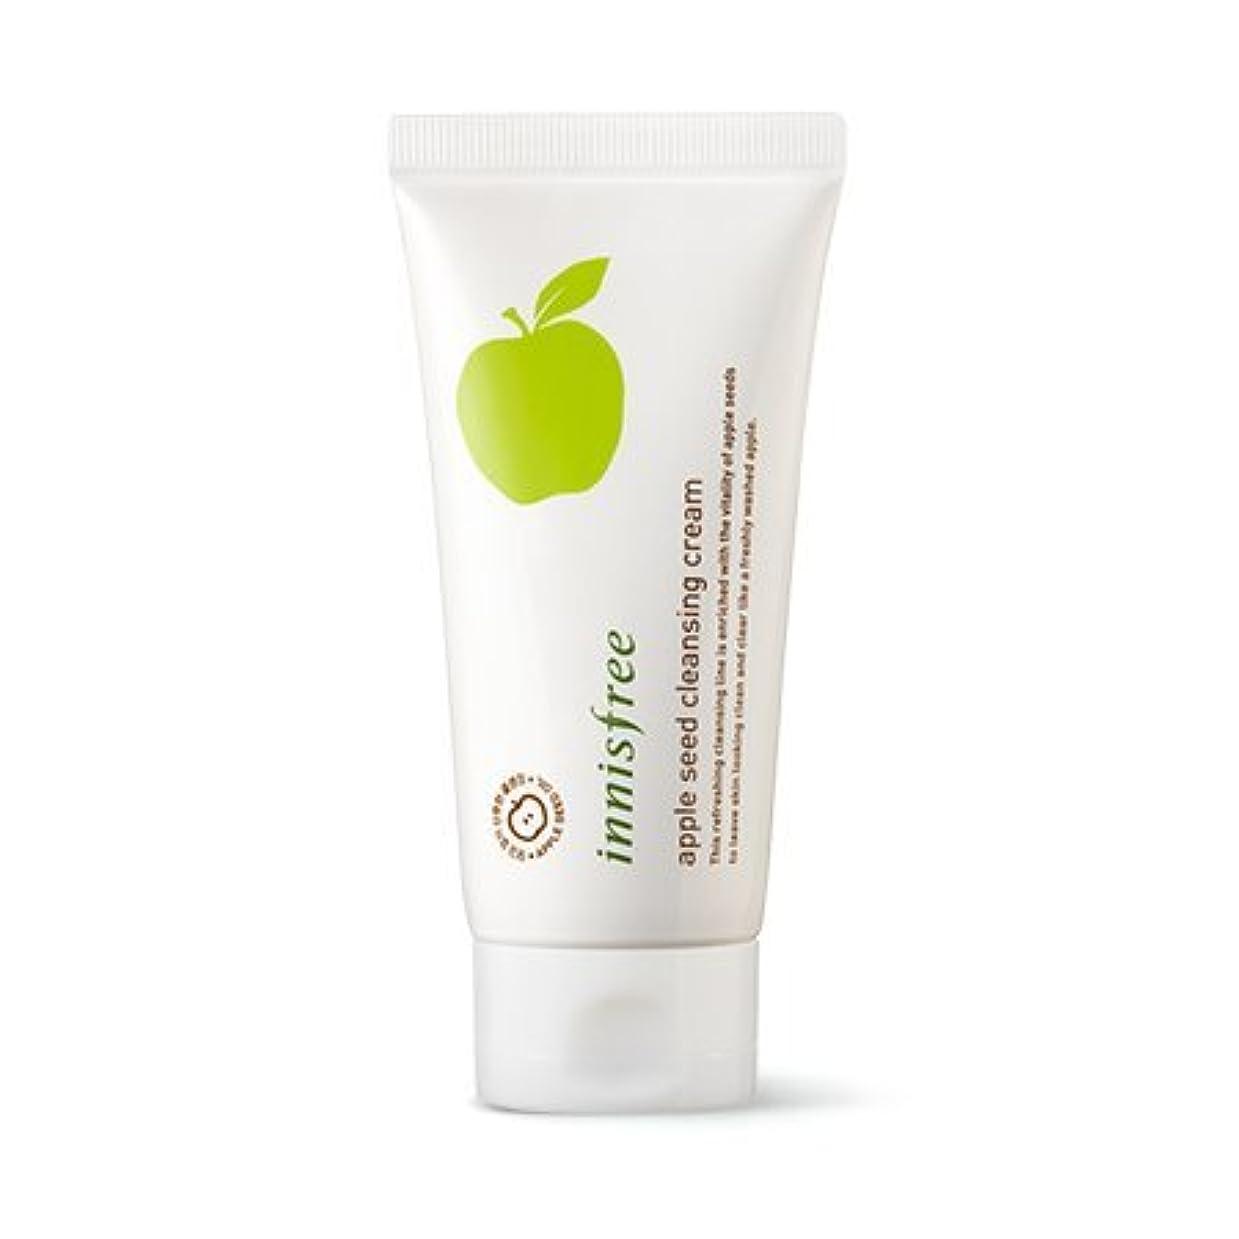 観察するルーフ侵入する[New] innisfree Apple Seed Cleansing Cream 150ml/イニスフリー アップル シード クレンジング クリーム 150ml